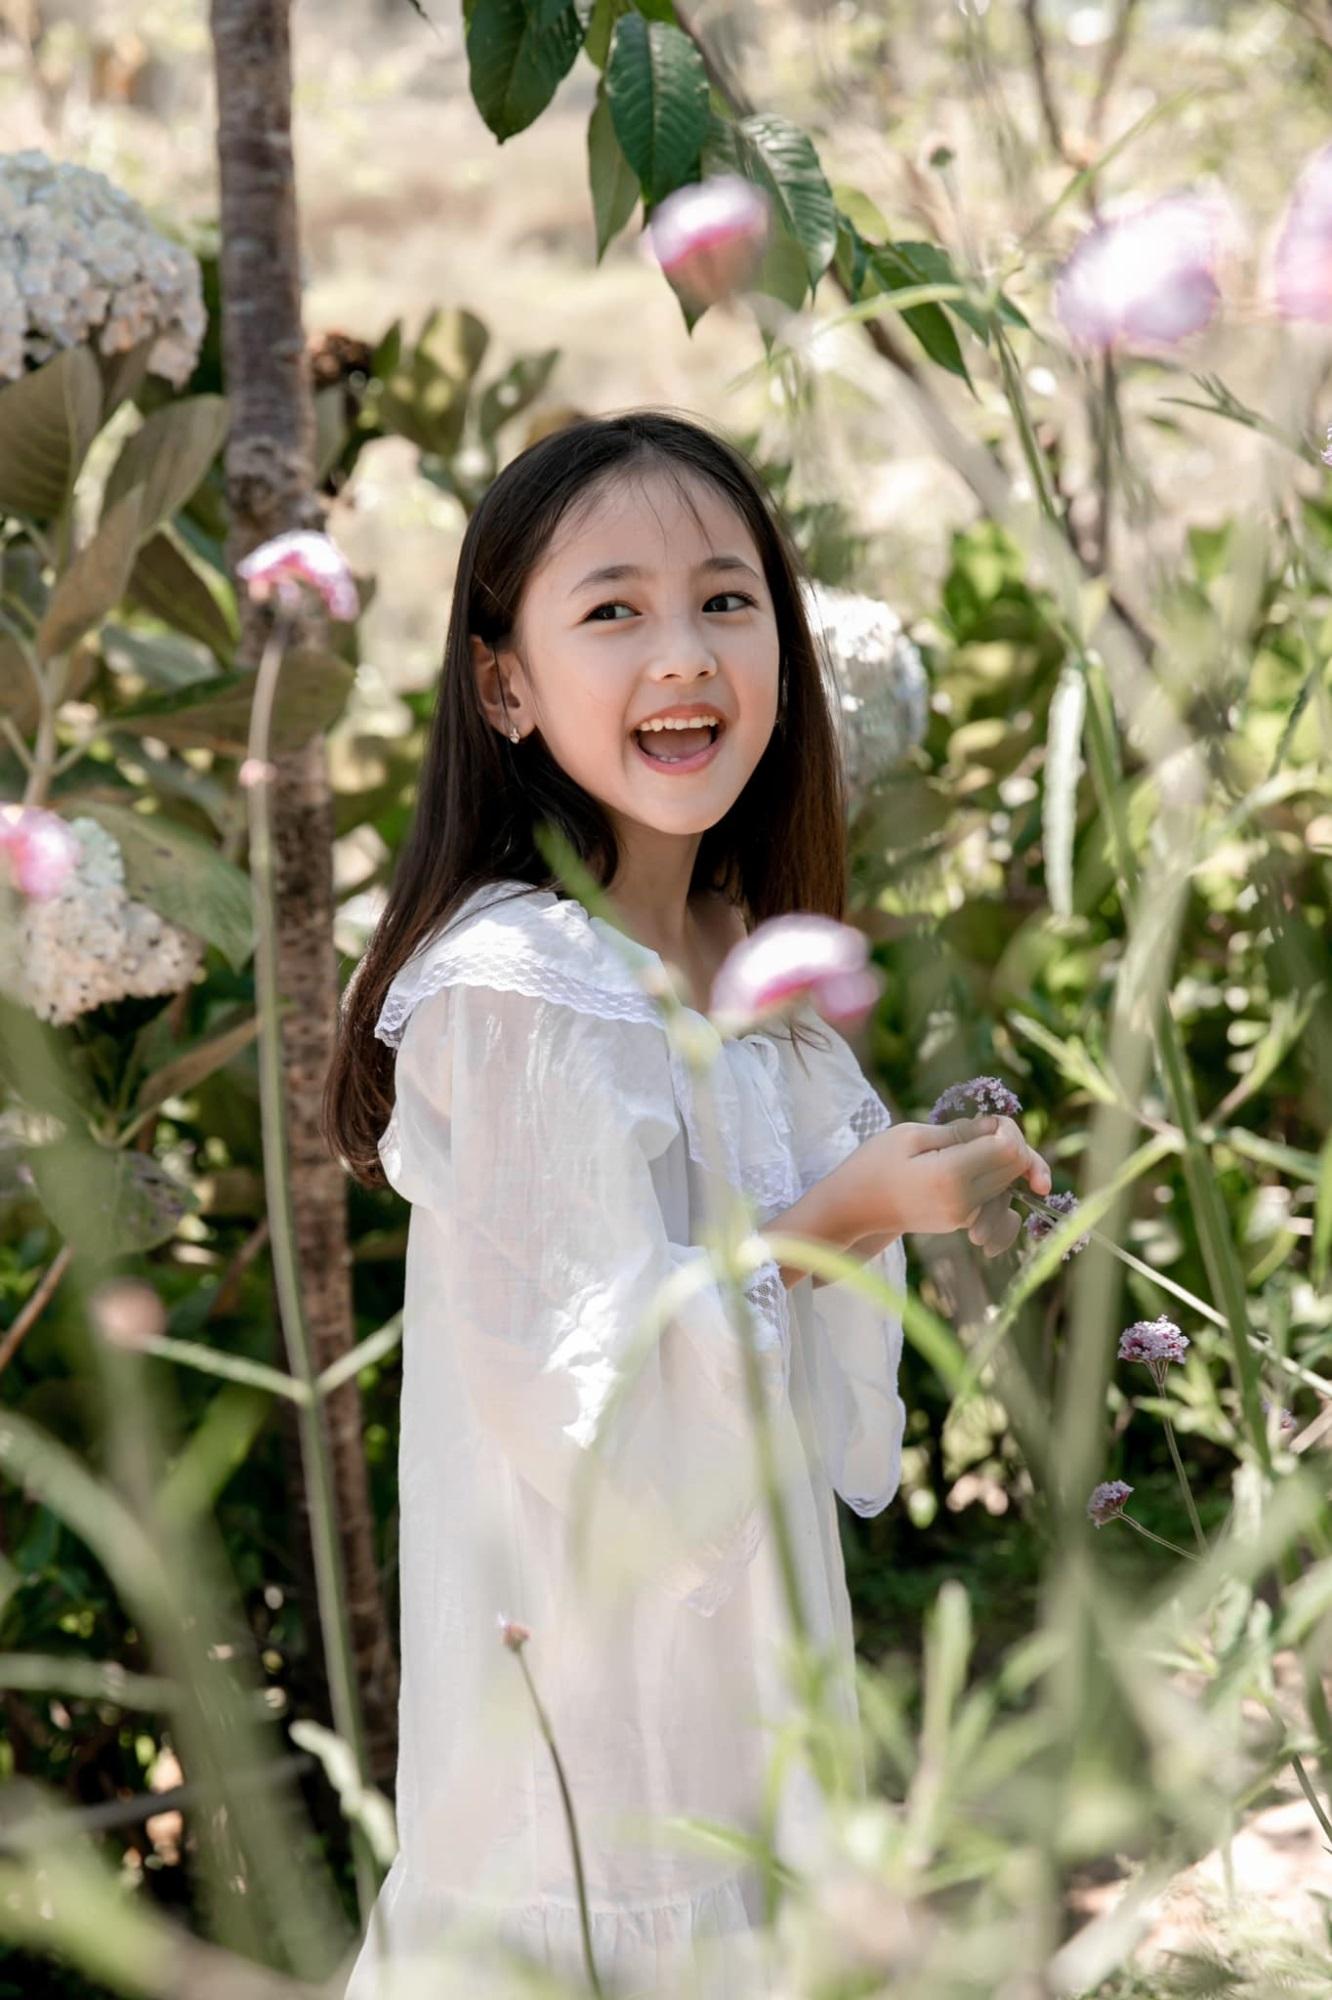 """Không hổ danh con gái Hoa hậu, công chúa nhỏ của Hà Kiều Anh sở hữu """"gen đẹp"""" của mẹ, càng lớn càng lộ khí chất đại mỹ nhân - Ảnh 8"""